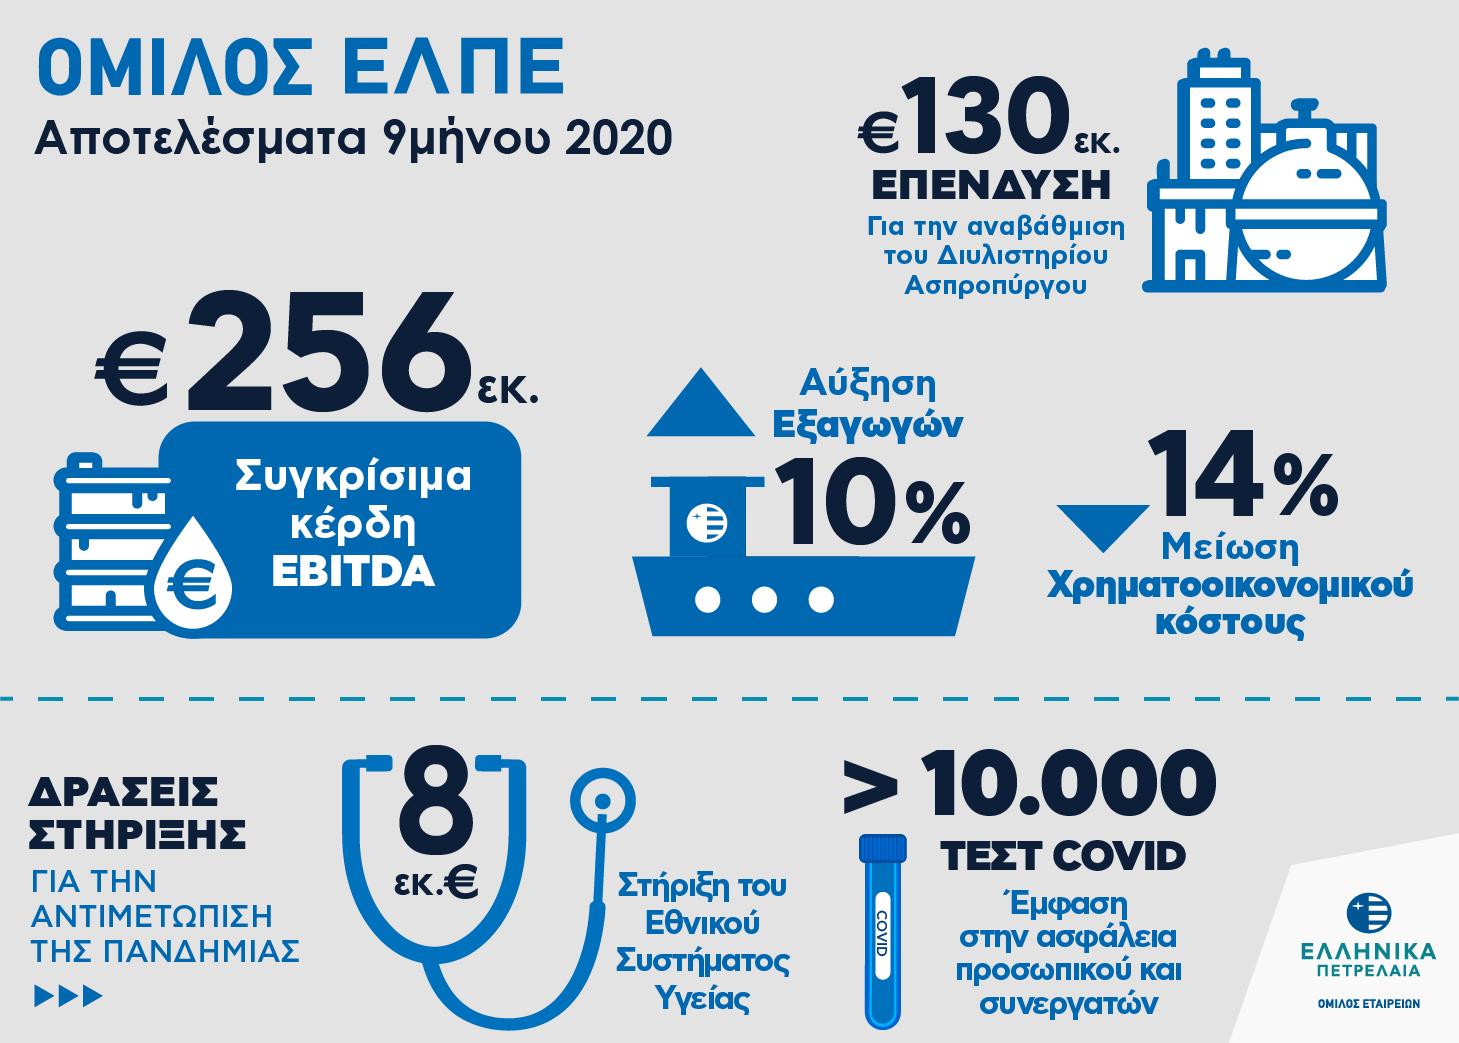 ελπε, ελληνικά πετρέλαια, εννεάμηνο 2020